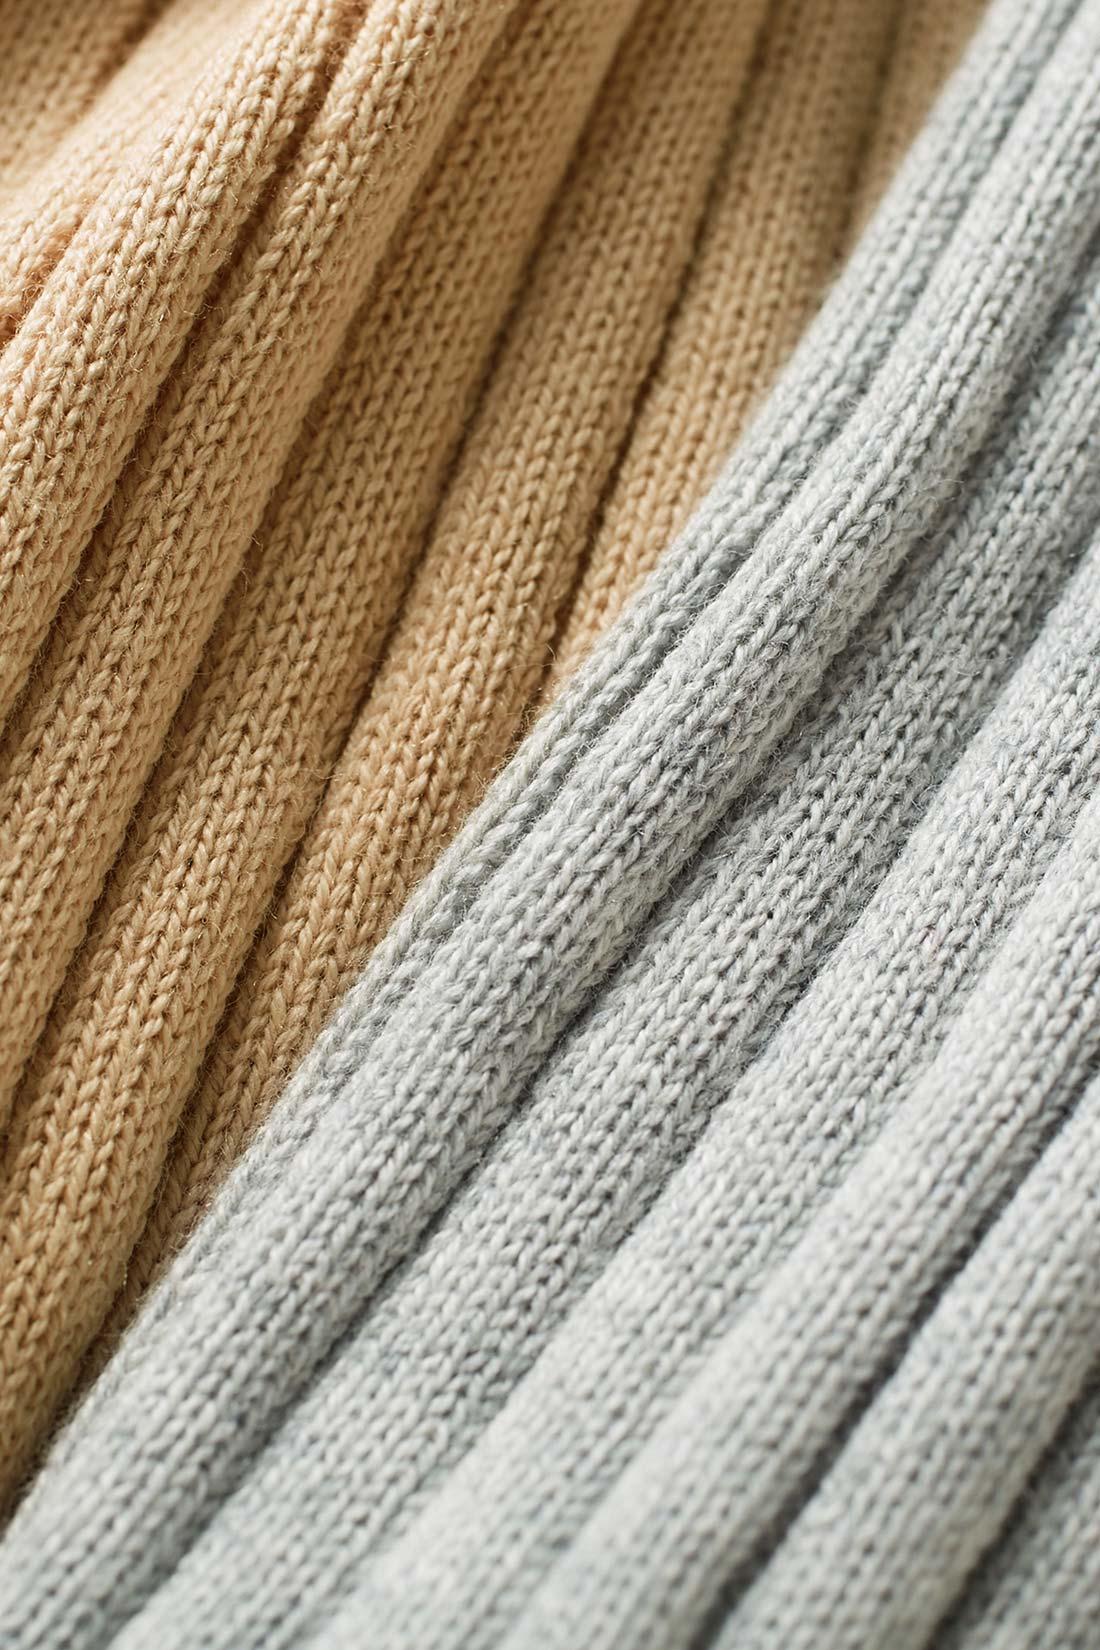 シルク15%のぜいたく素材。Tシャツ感覚で気持ちよく素肌にまとえるシルク混コットン。からだのラインを拾いすぎないワイドな縦リブで着こなしやすいのも魅力。